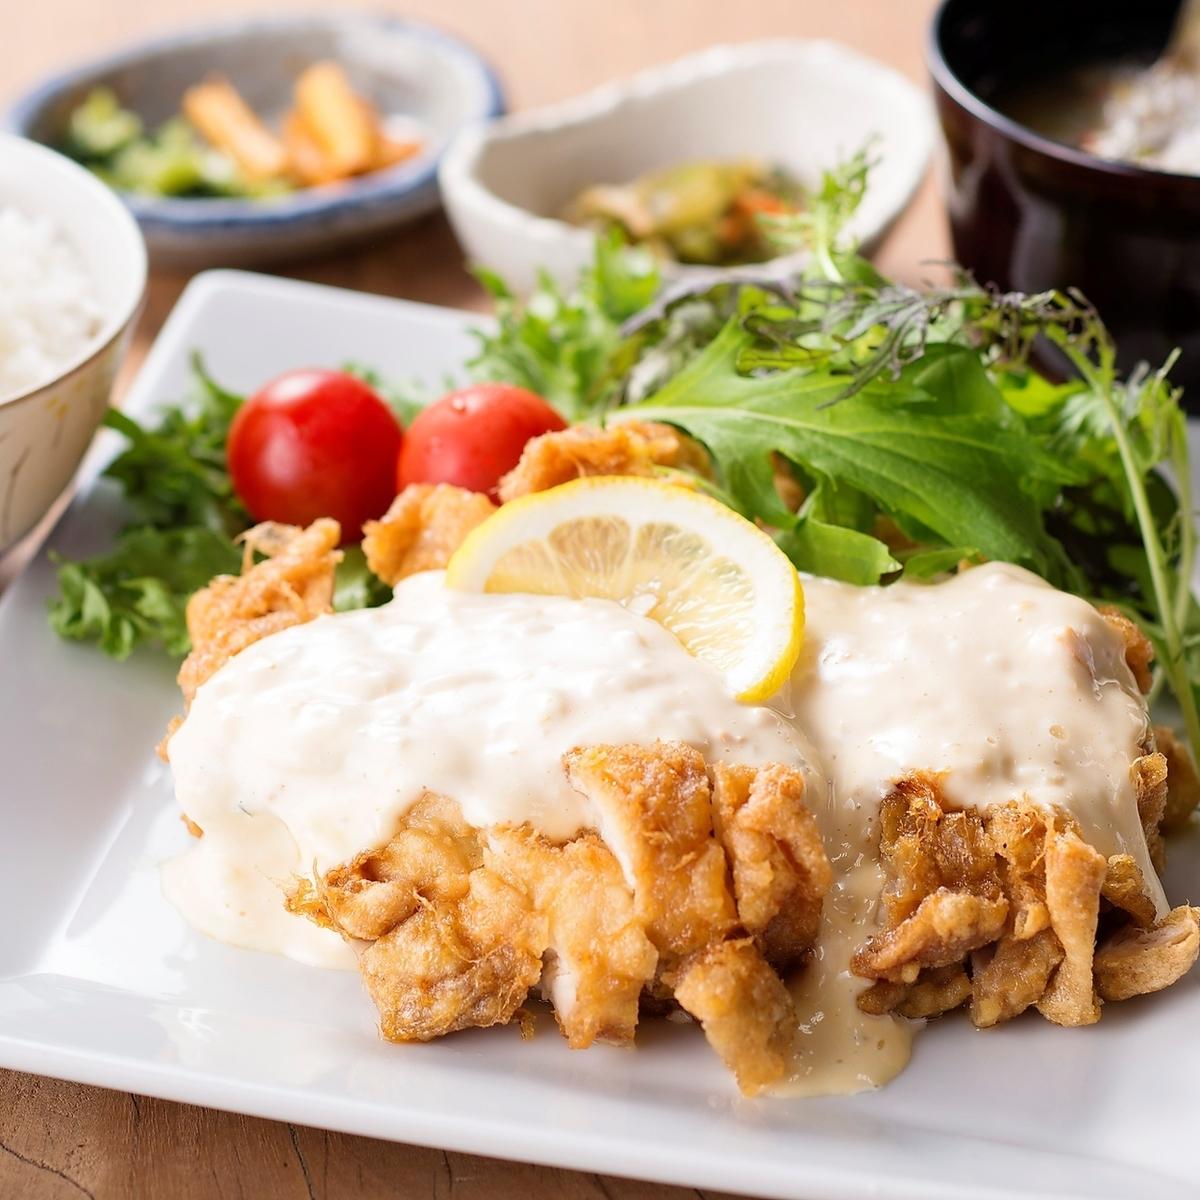 【套餐】宫崎特产!鸡南蛮套餐